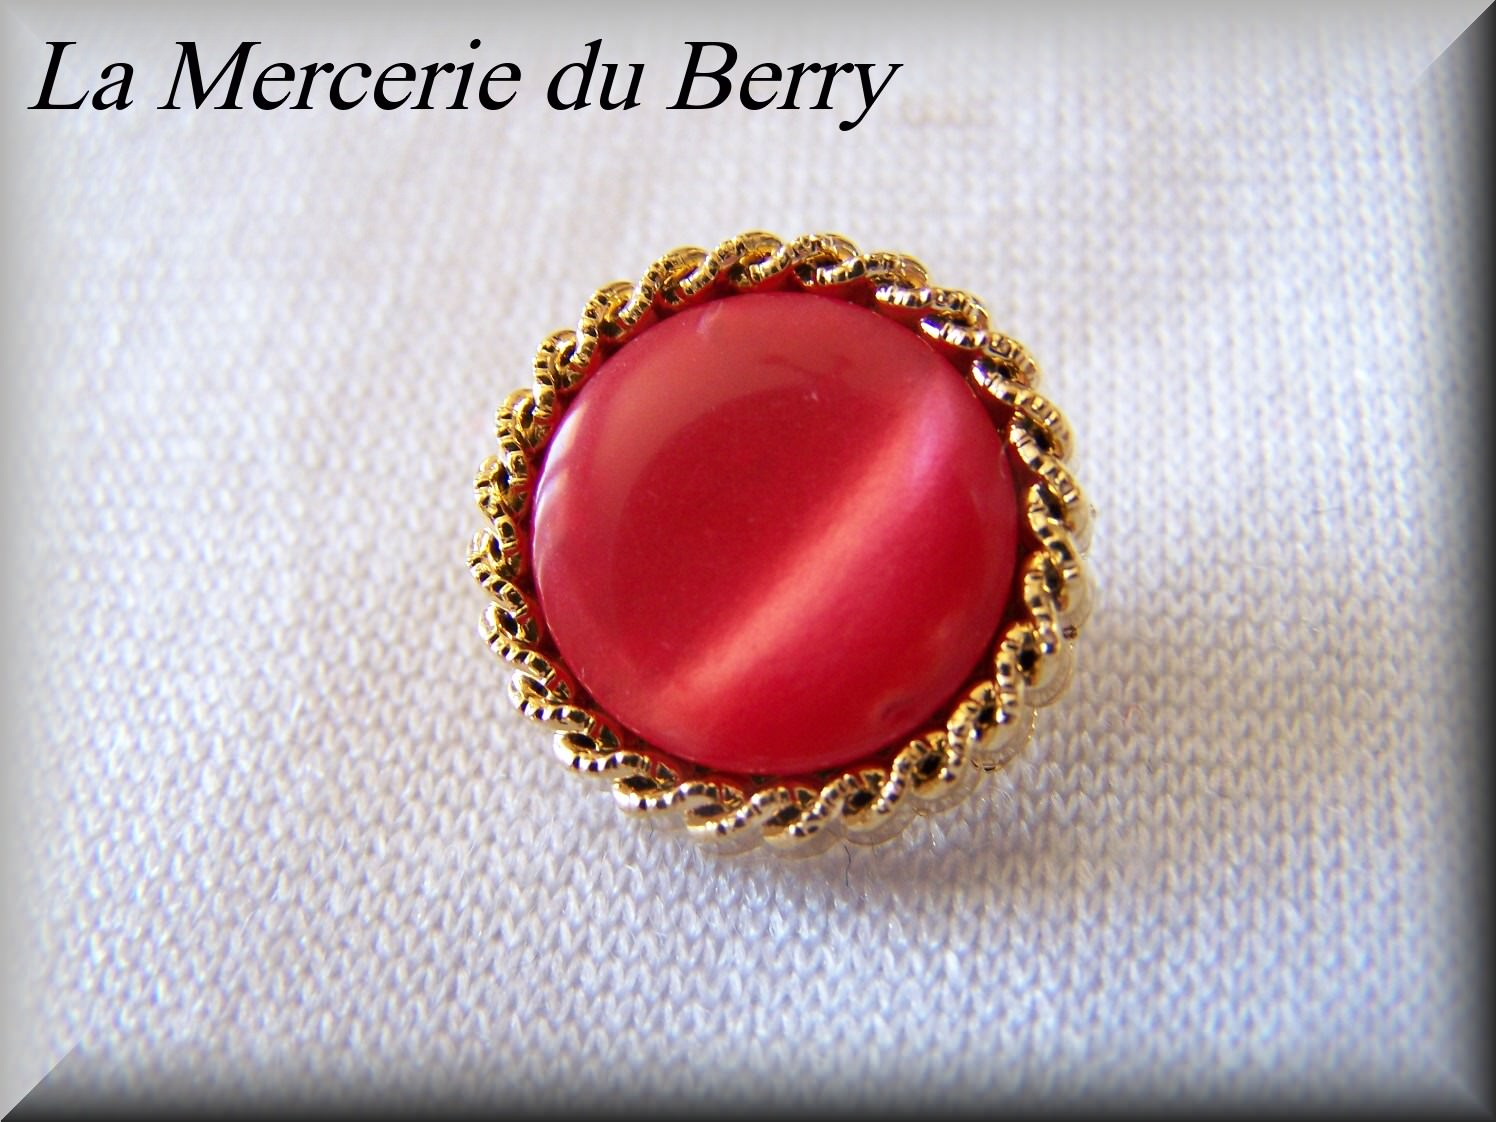 Bouton rouge, cerclé doré, 18 mm